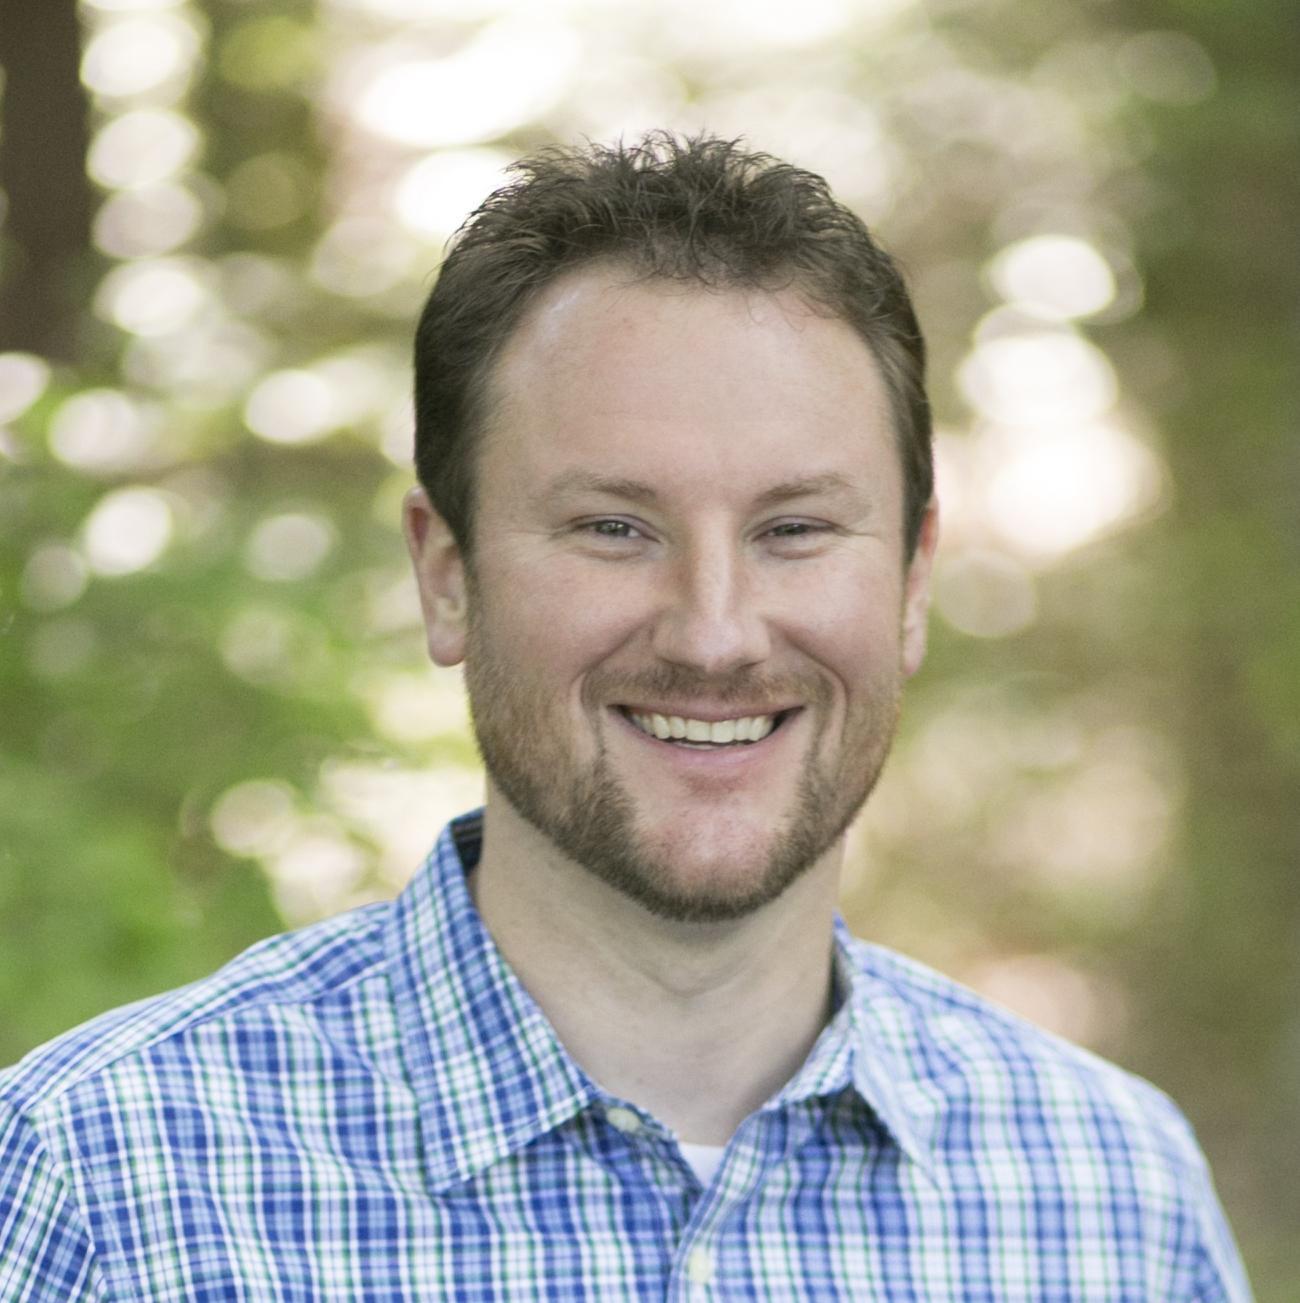 Jason Etheridge